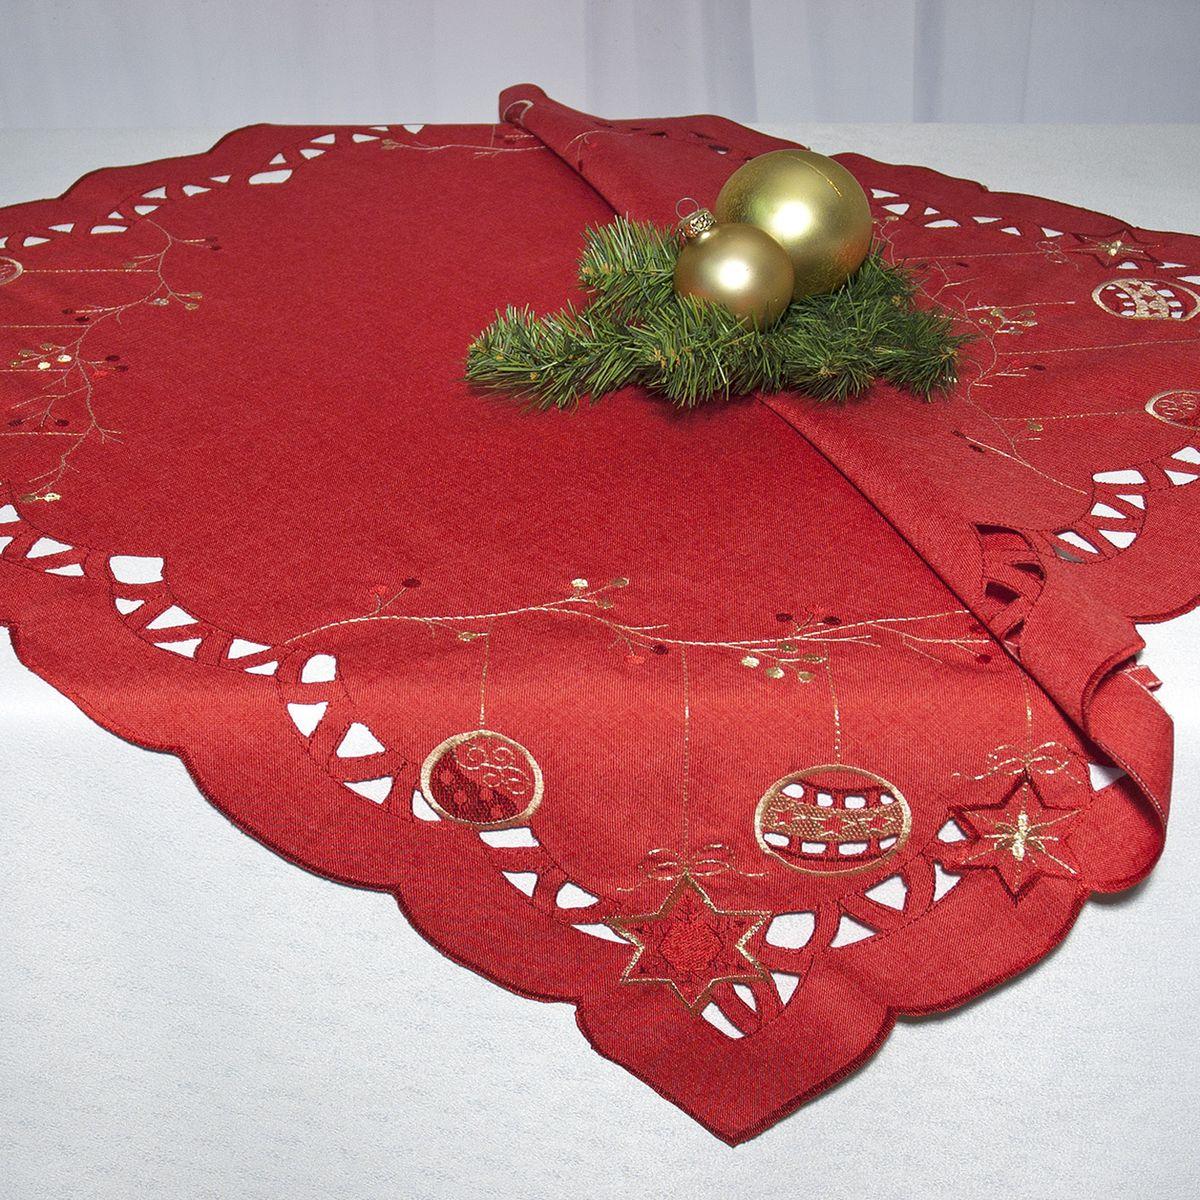 Скатерть Schaefer, квадратная, цвет: красный, 85 x 85 см 07393-10007393-100Квадратная скатерть Schaefer, выполненная из полиэстера, станет прекрасным украшением новогоднего стола. Изделие декорировано изысканной перфорацией по краю и вышивкой в виде елочных игрушек. За текстилем из полиэстера очень легко ухаживать: он легко стирается, не мнется, не садится и быстро сохнет, более долговечен, чем текстиль из натуральных волокон. Использование такой скатерти сделает застолье торжественным, поднимет настроение гостей и приятно удивит их вашим изысканным вкусом. Это текстильное изделие станет изысканным украшением вашего дома!